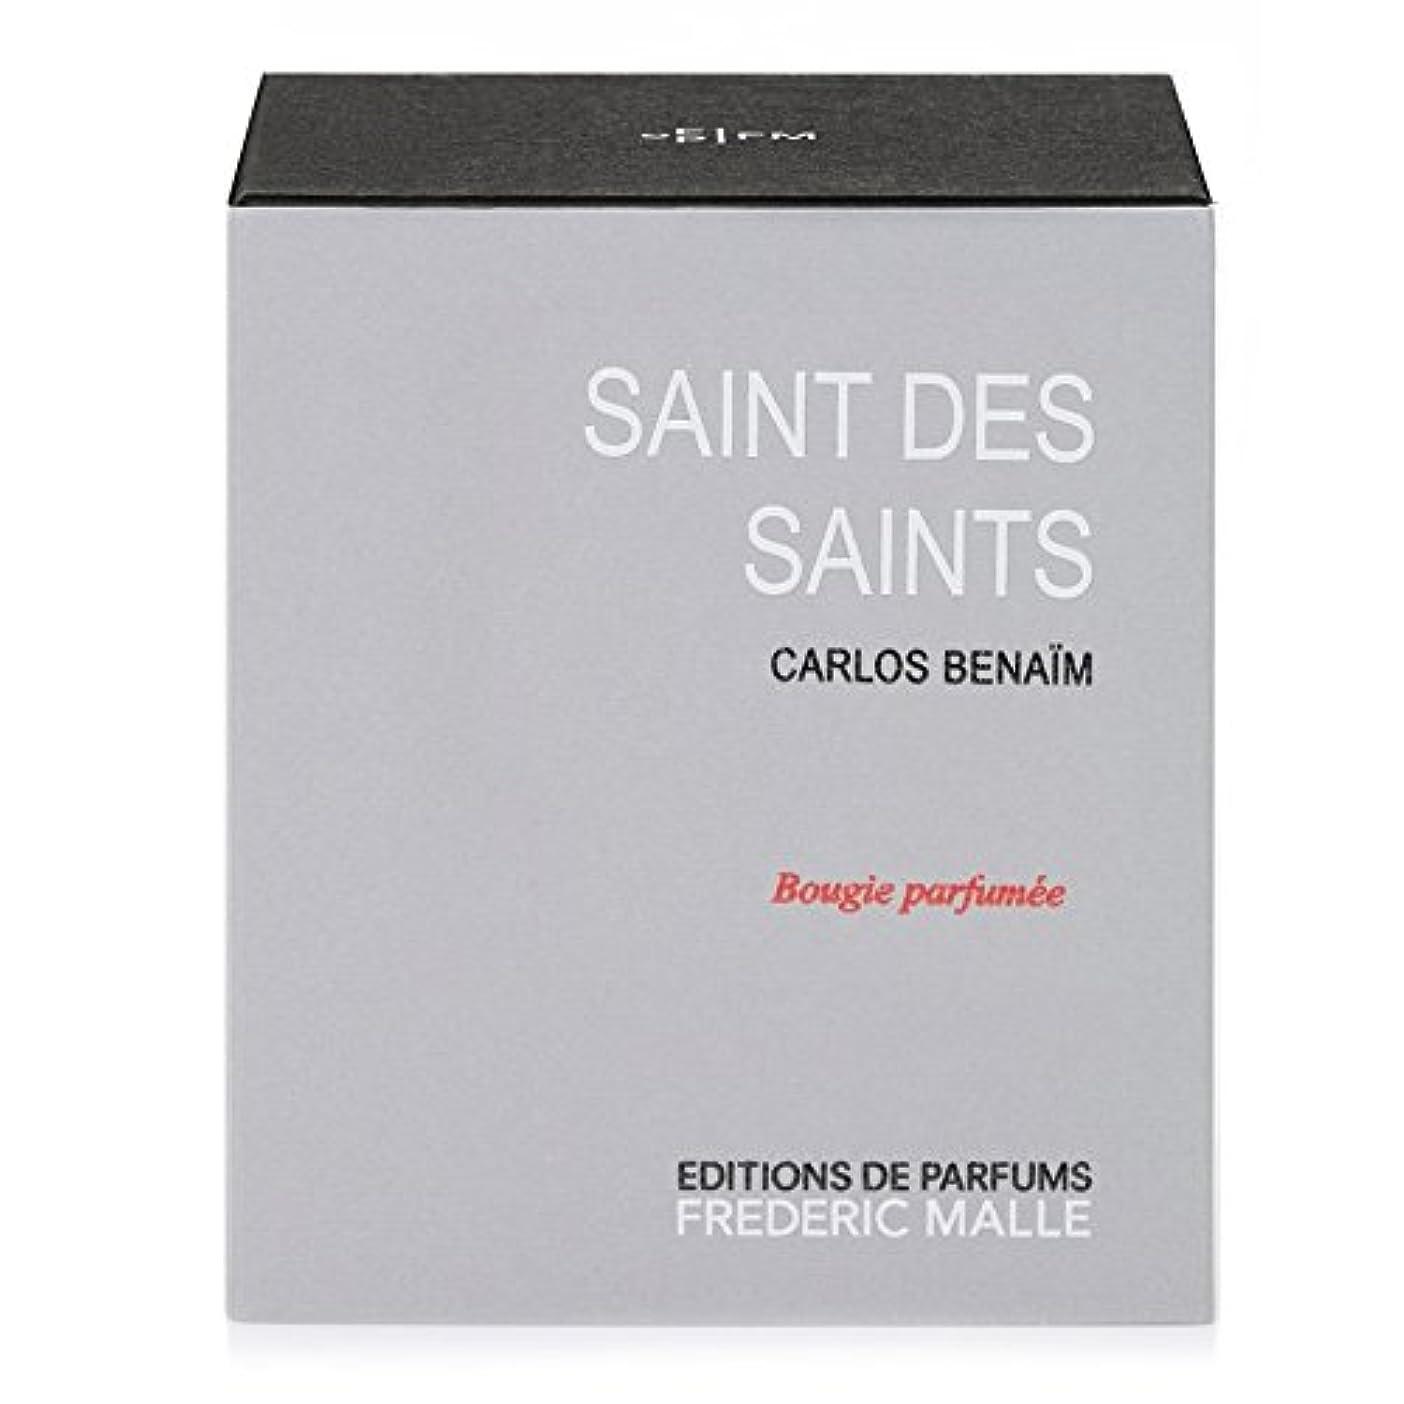 失速映画消防士フレデリック?マル聖人デ聖人の香りのキャンドル220グラム x6 - Frederic Malle Saint Des Saints Scented Candle 220g (Pack of 6) [並行輸入品]